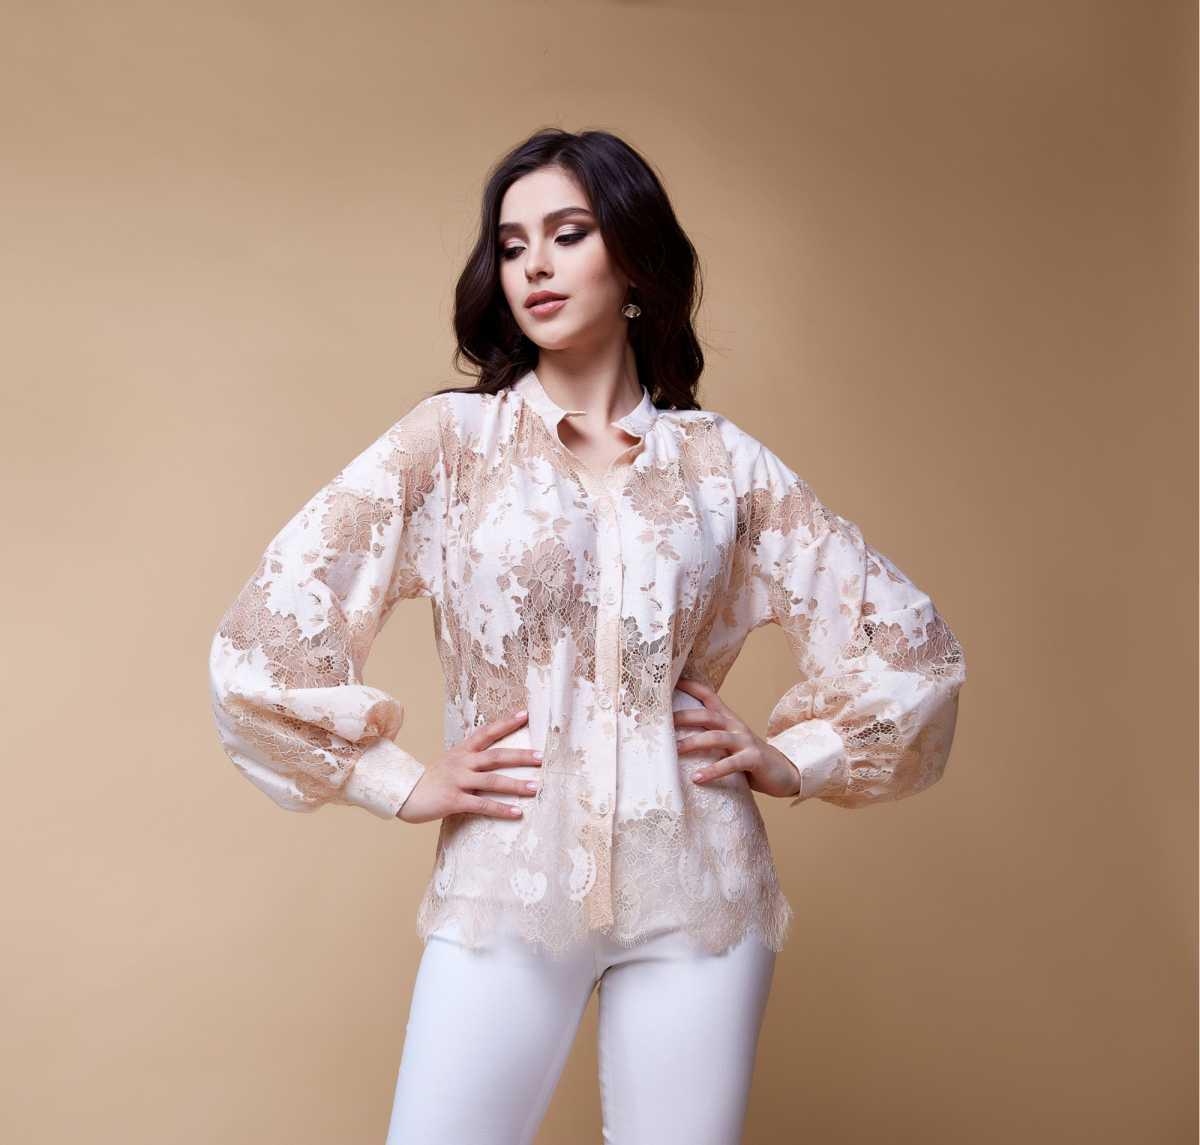 blusa de renda com mangas bufantes